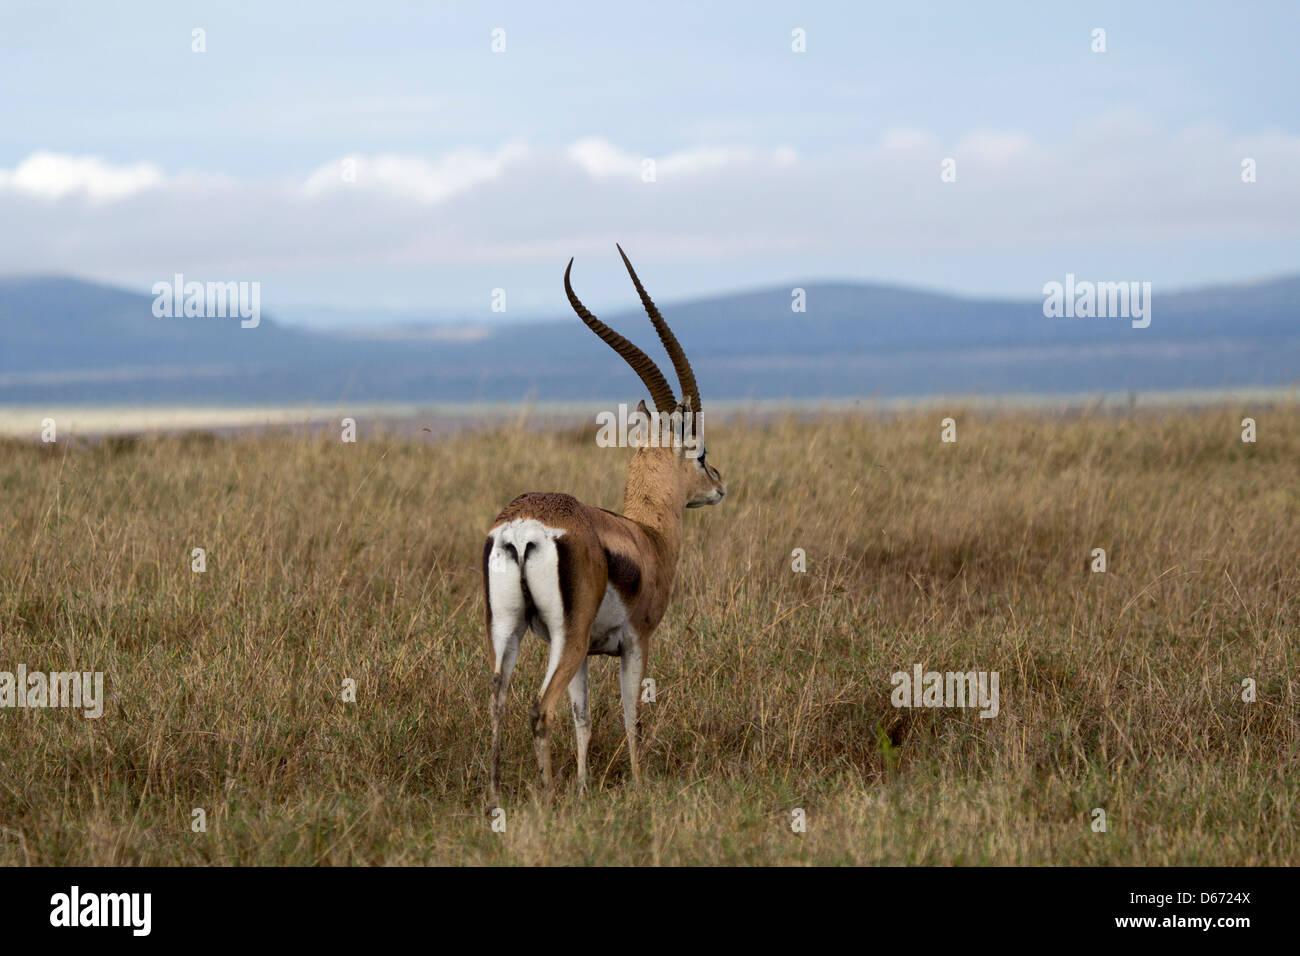 Intrigued Impala - Stock Image